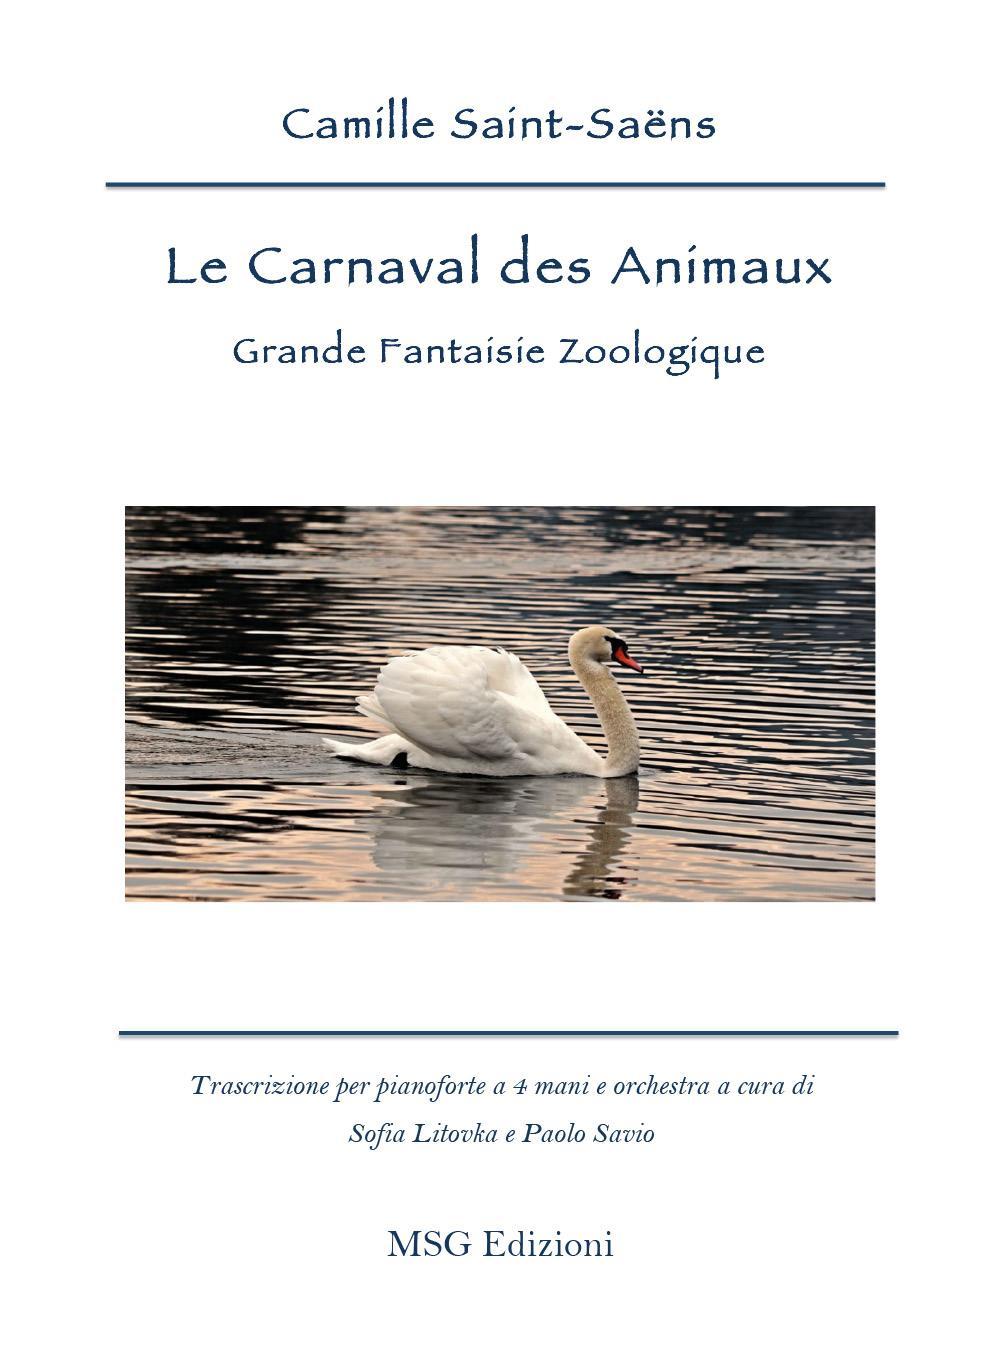 Le Carnaval des Animaux. Grande Fanatisie Zoologique